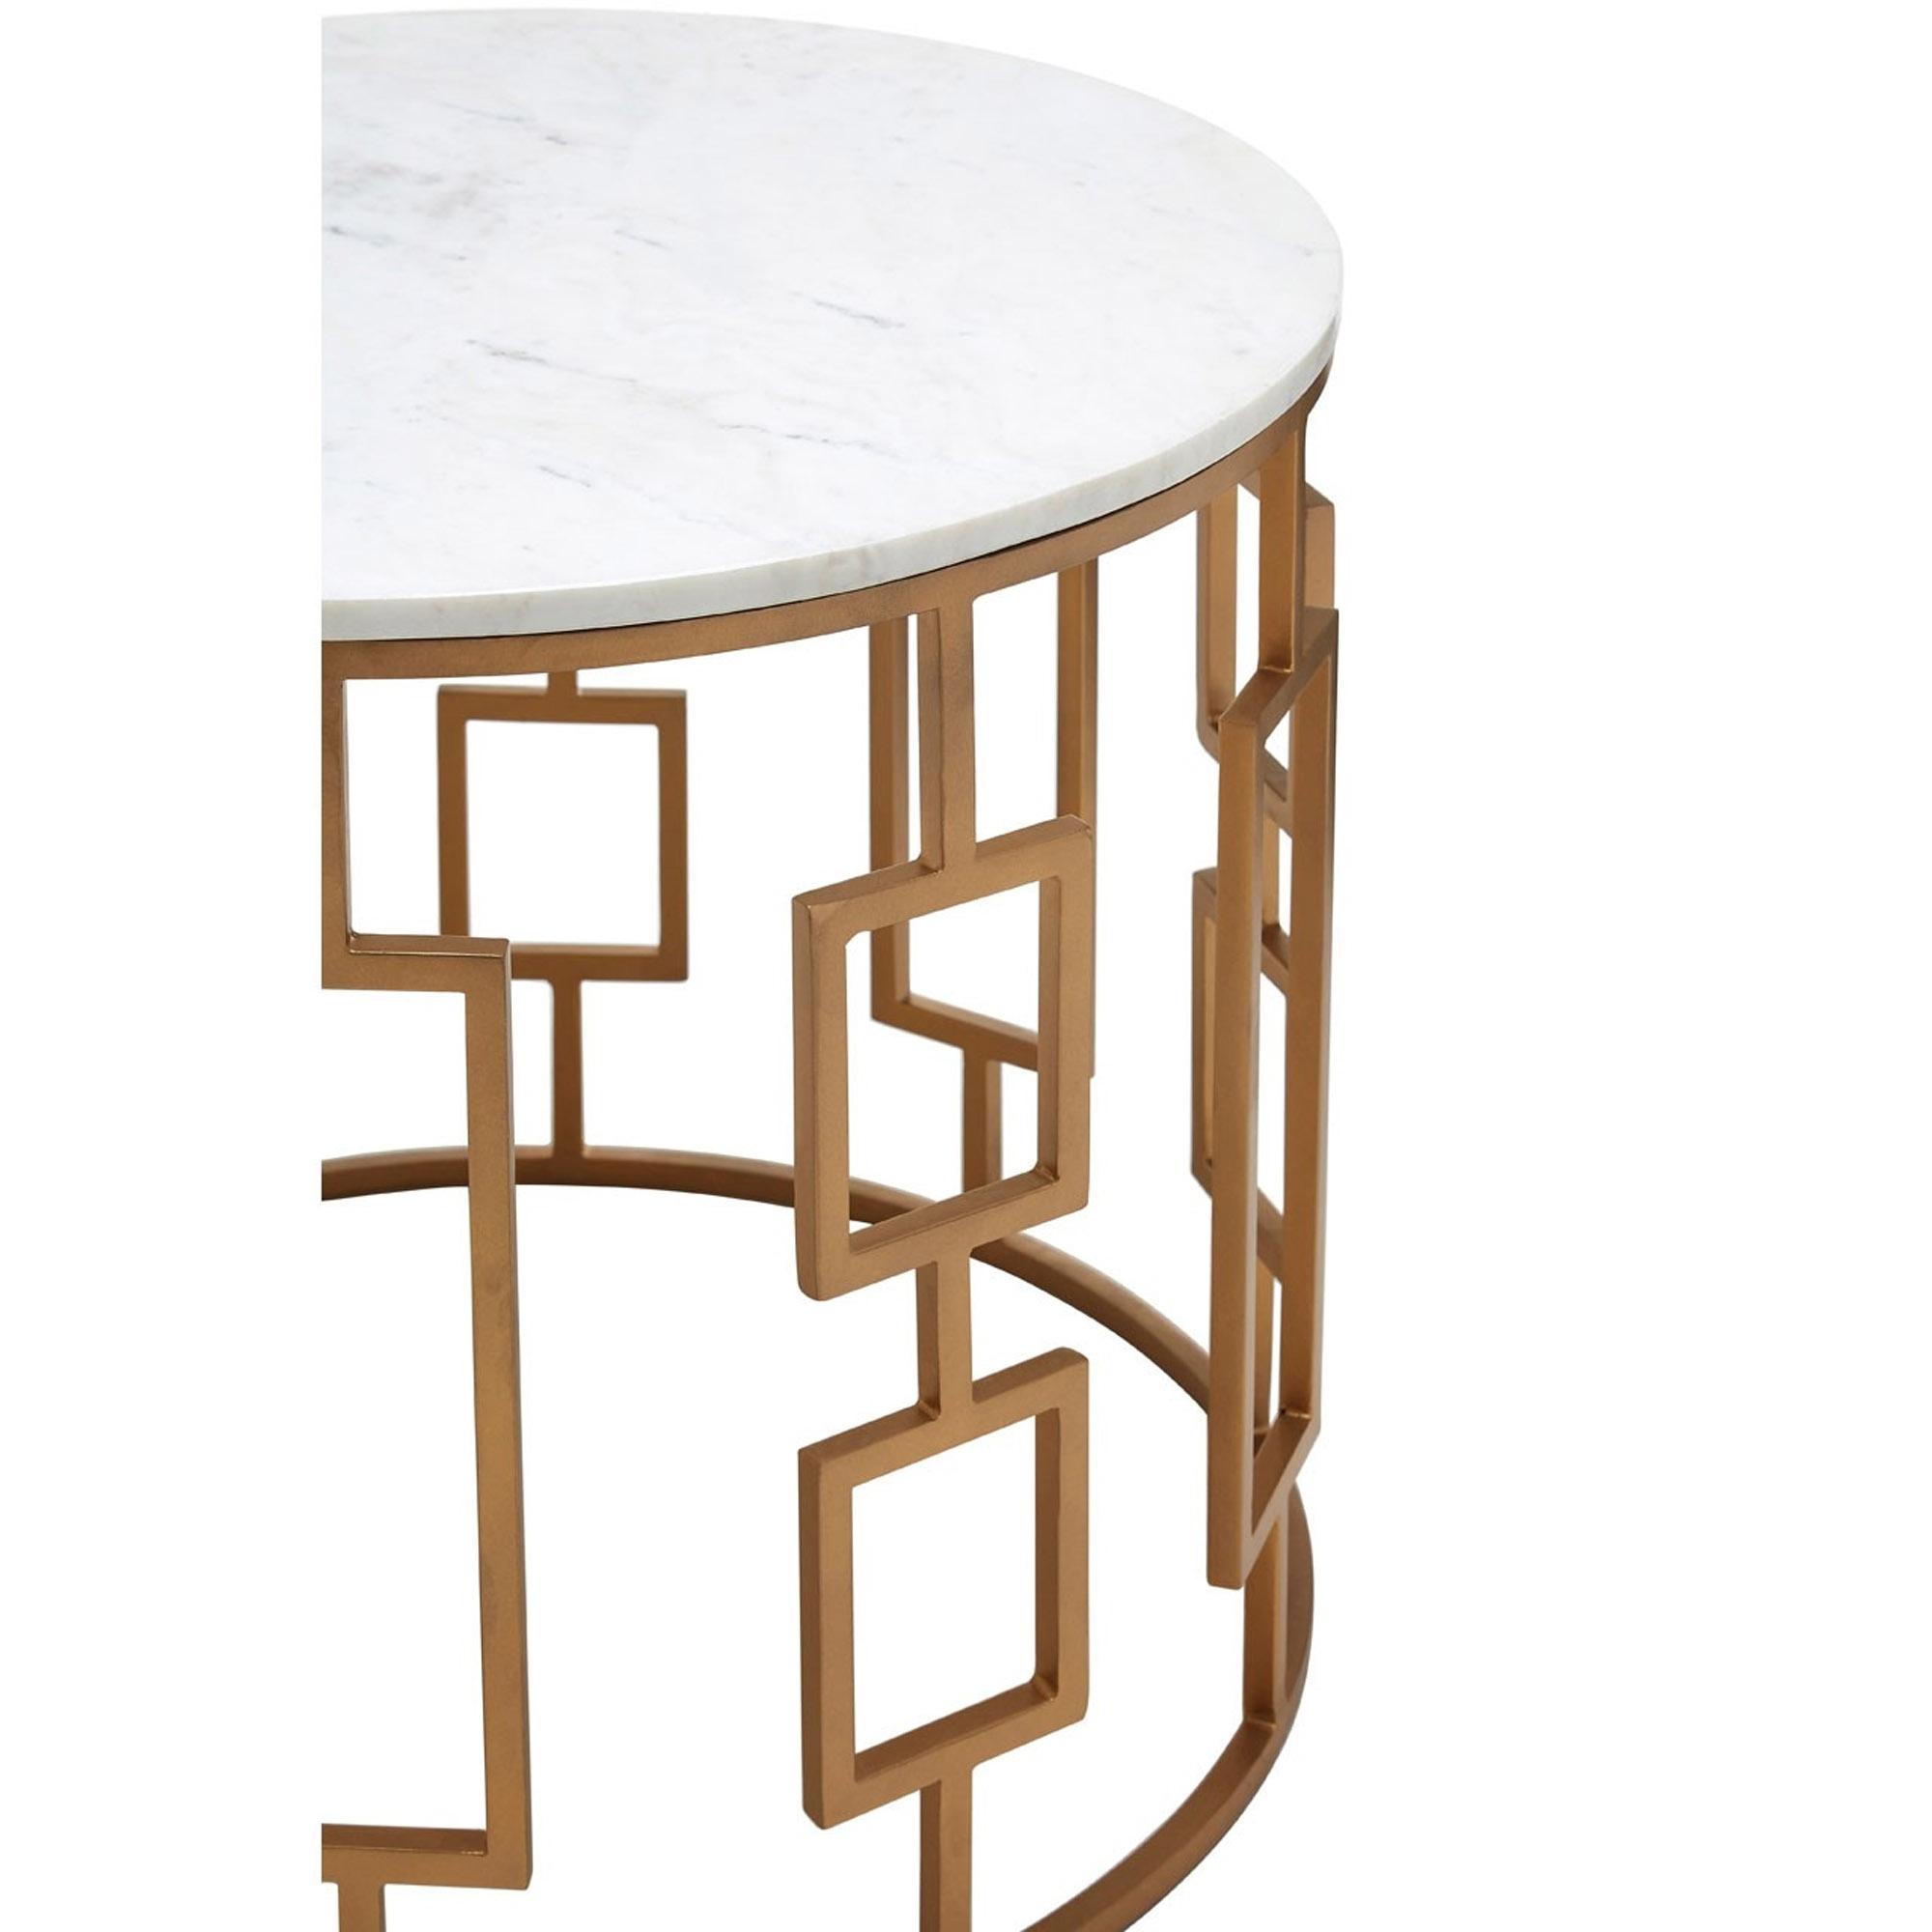 play tables wood bruunmunch oak round beistelltisch by oe furniture table nature d natur eiche freisteller in side playround cm categories h